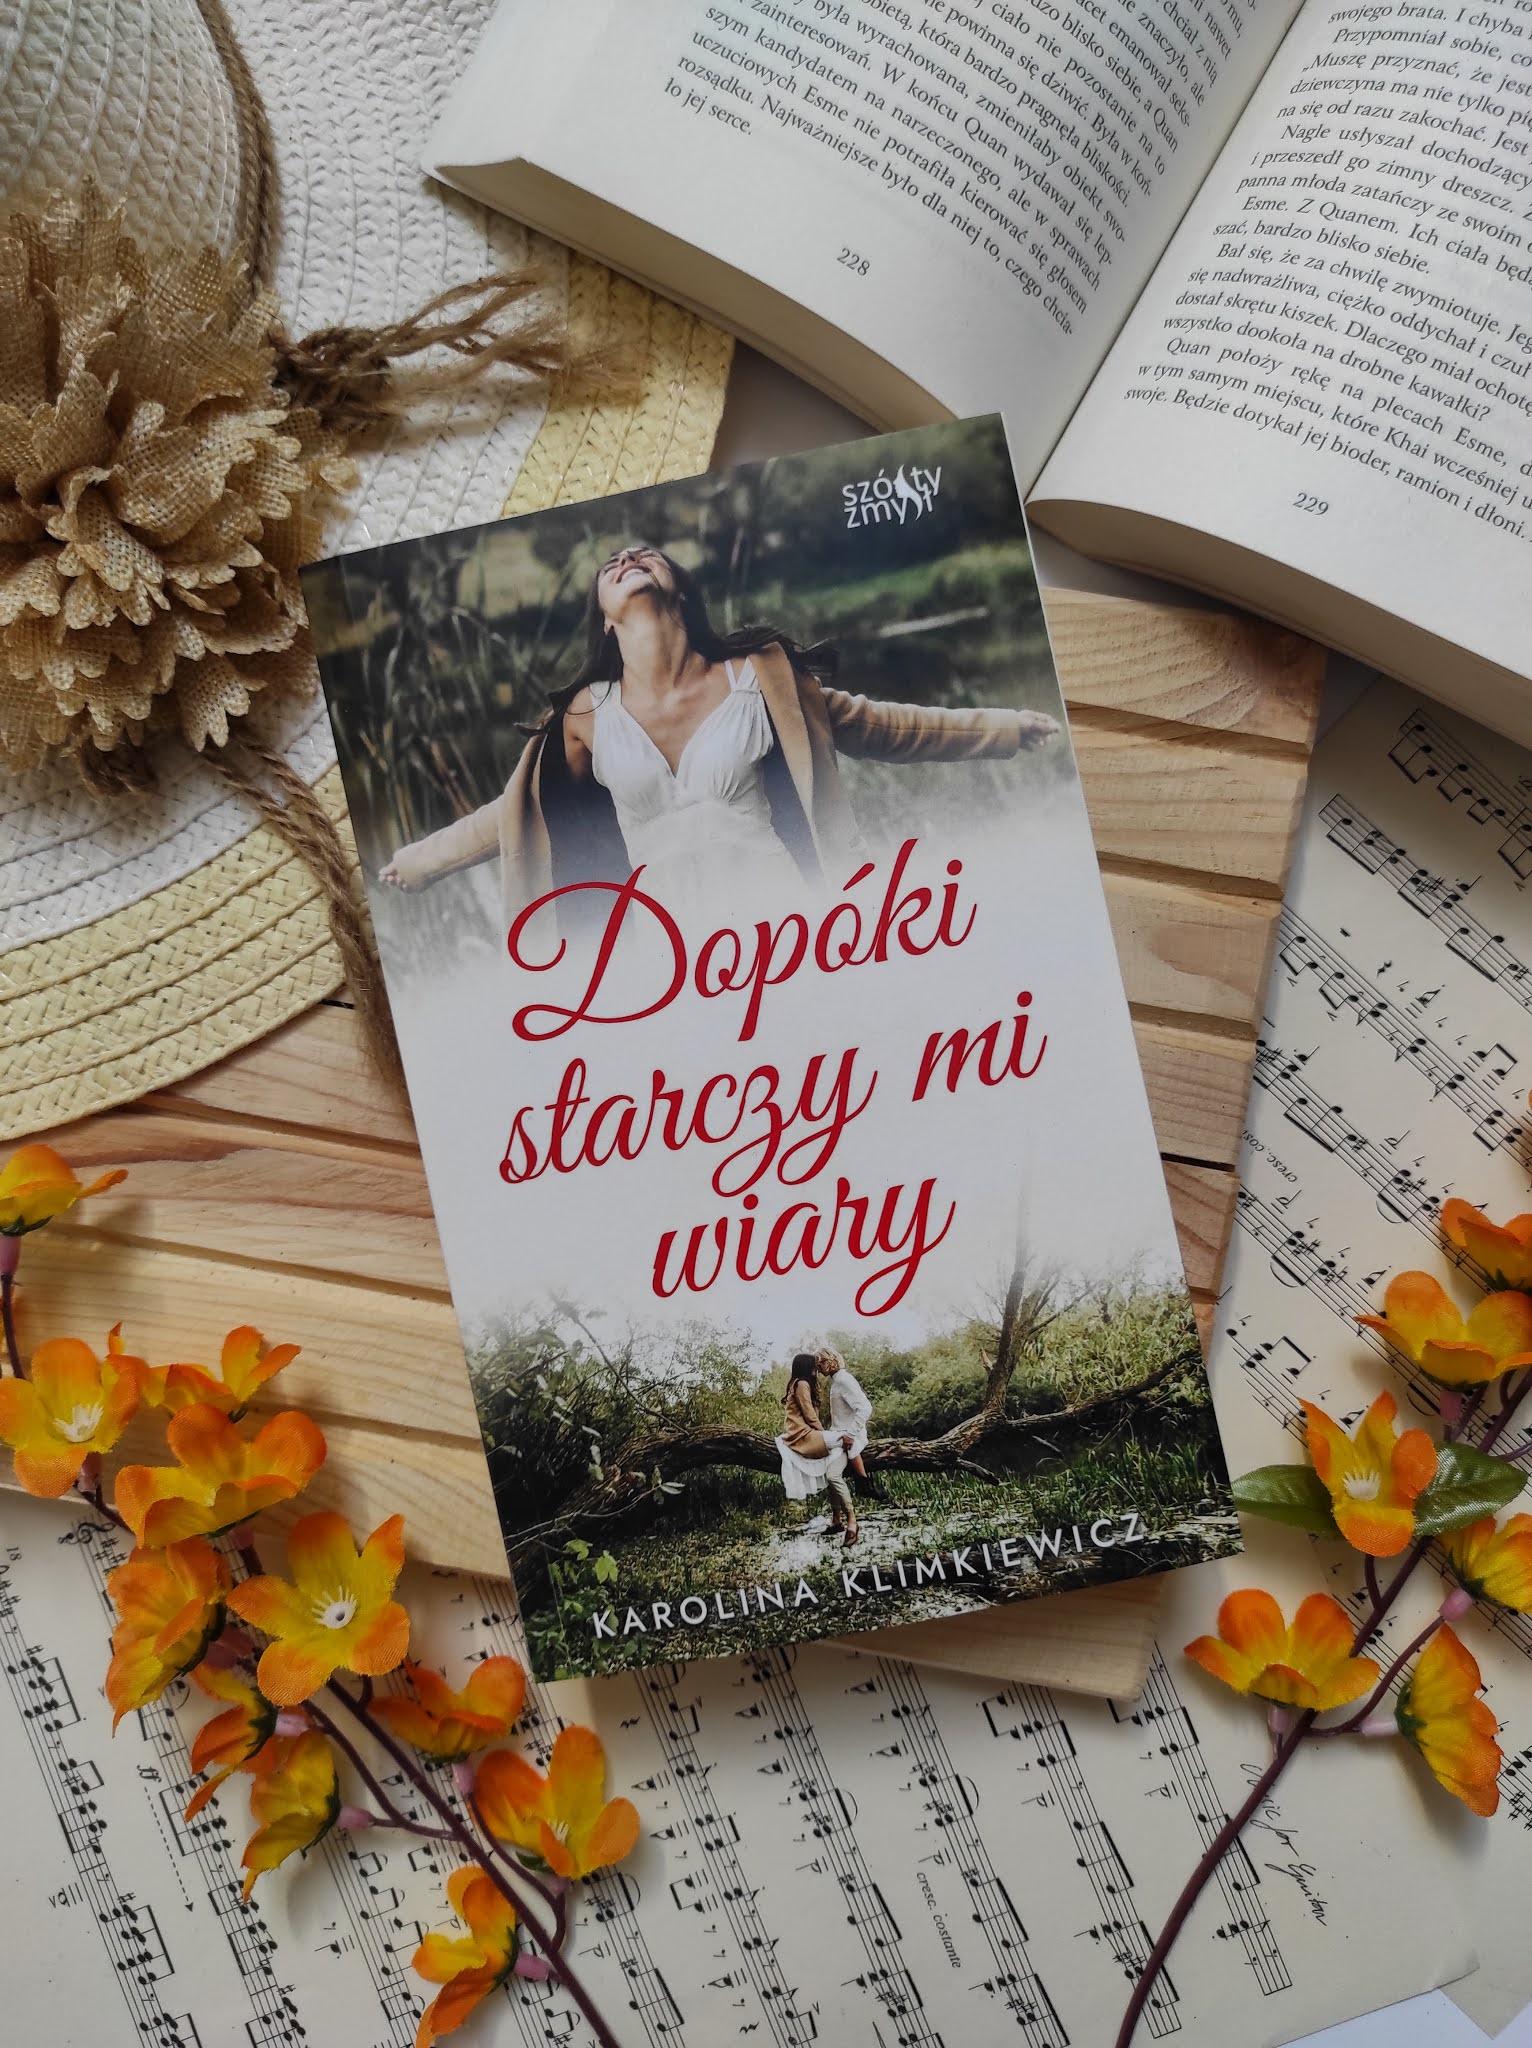 """""""Dopóki starczy mi wiary"""" Karolina Klimkiewicz"""